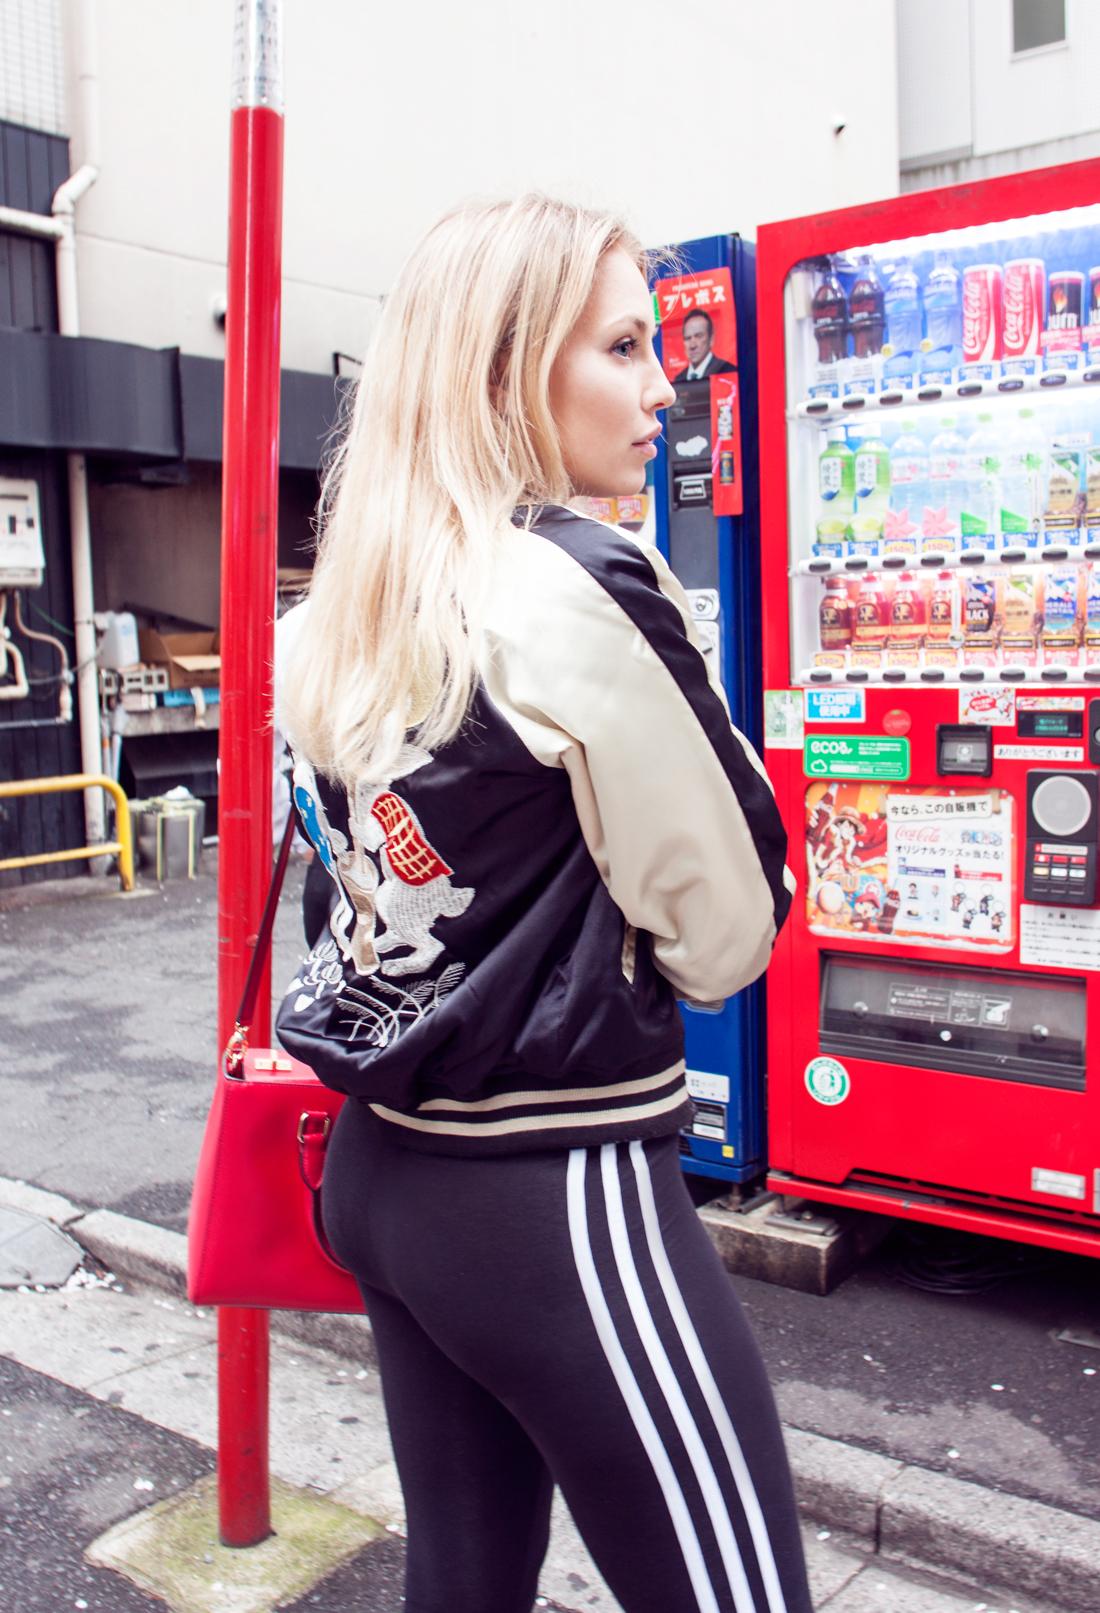 adidas tights, adidas black tights, adidas logo tights, henri bendel bag, red bag, red handbag, japanese souvenir jacket, moon rabbits, moon rabbits mocha, choker, tokyo, japan, tokyo railway, nike ari max dotted, tokyo streets, sukajan, tokyo japanese souvenir jacket